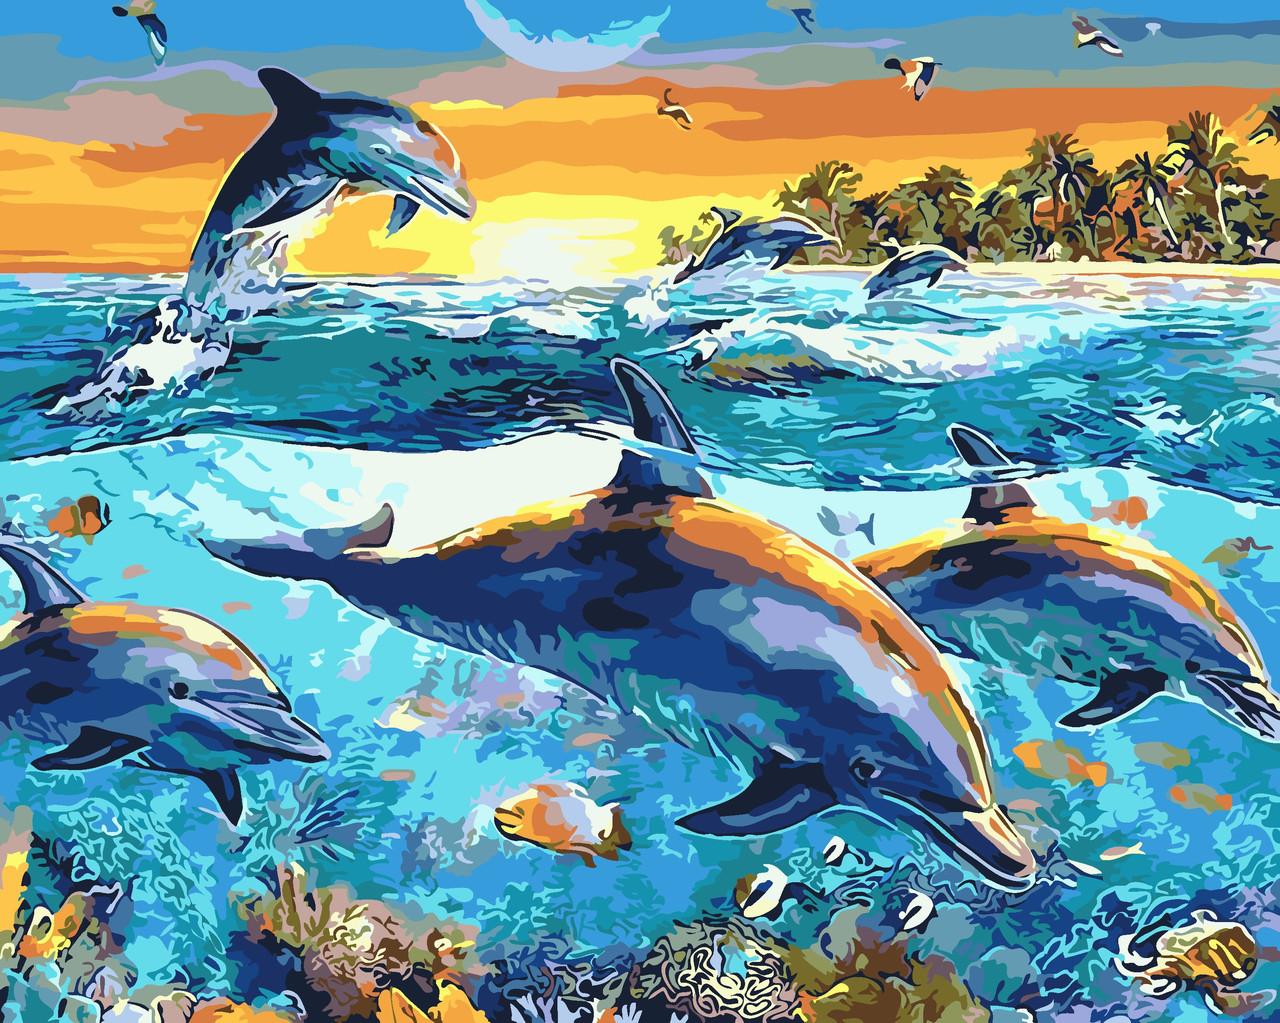 Художественный творческий набор, картина по номерам Подводные глубины, 50x40 см, «Art Story» (AS0077)